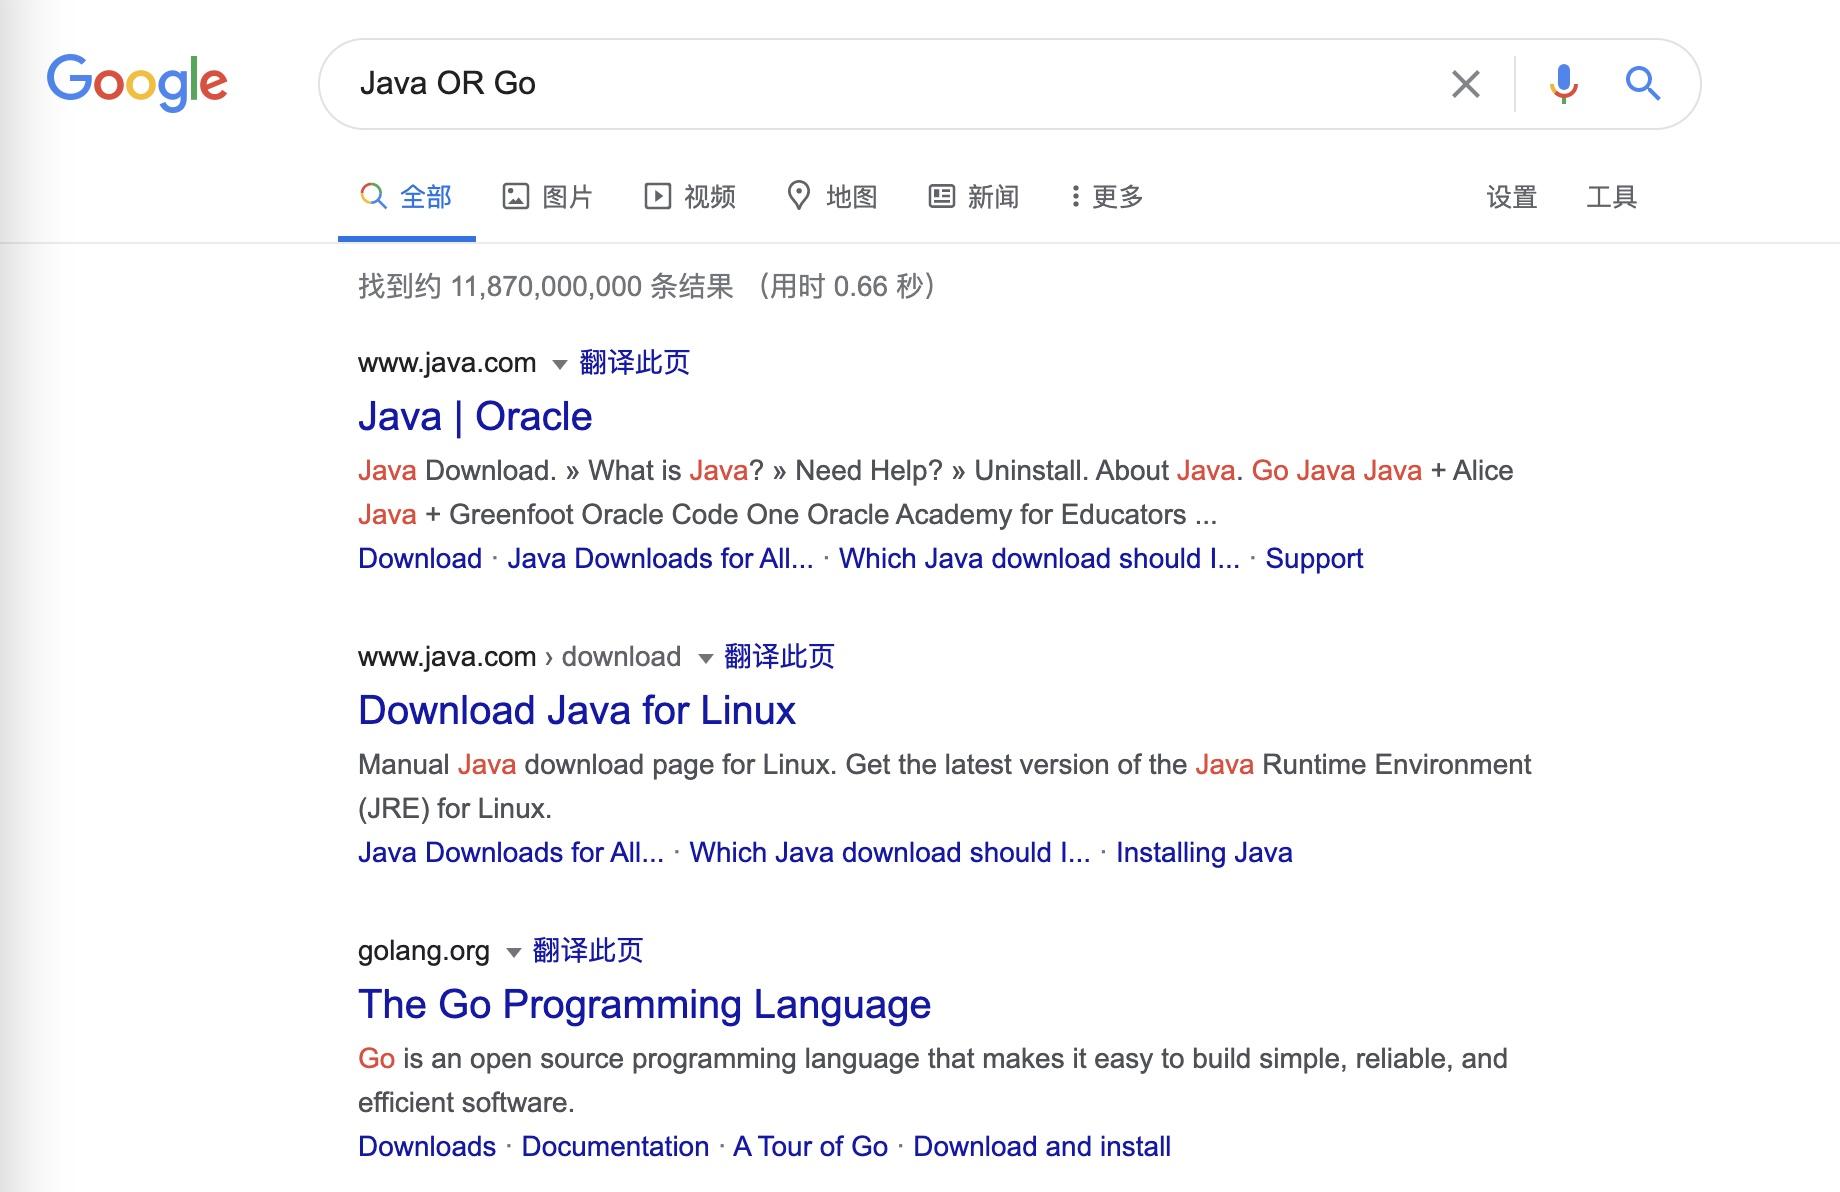 Google-Tips-2.jpg